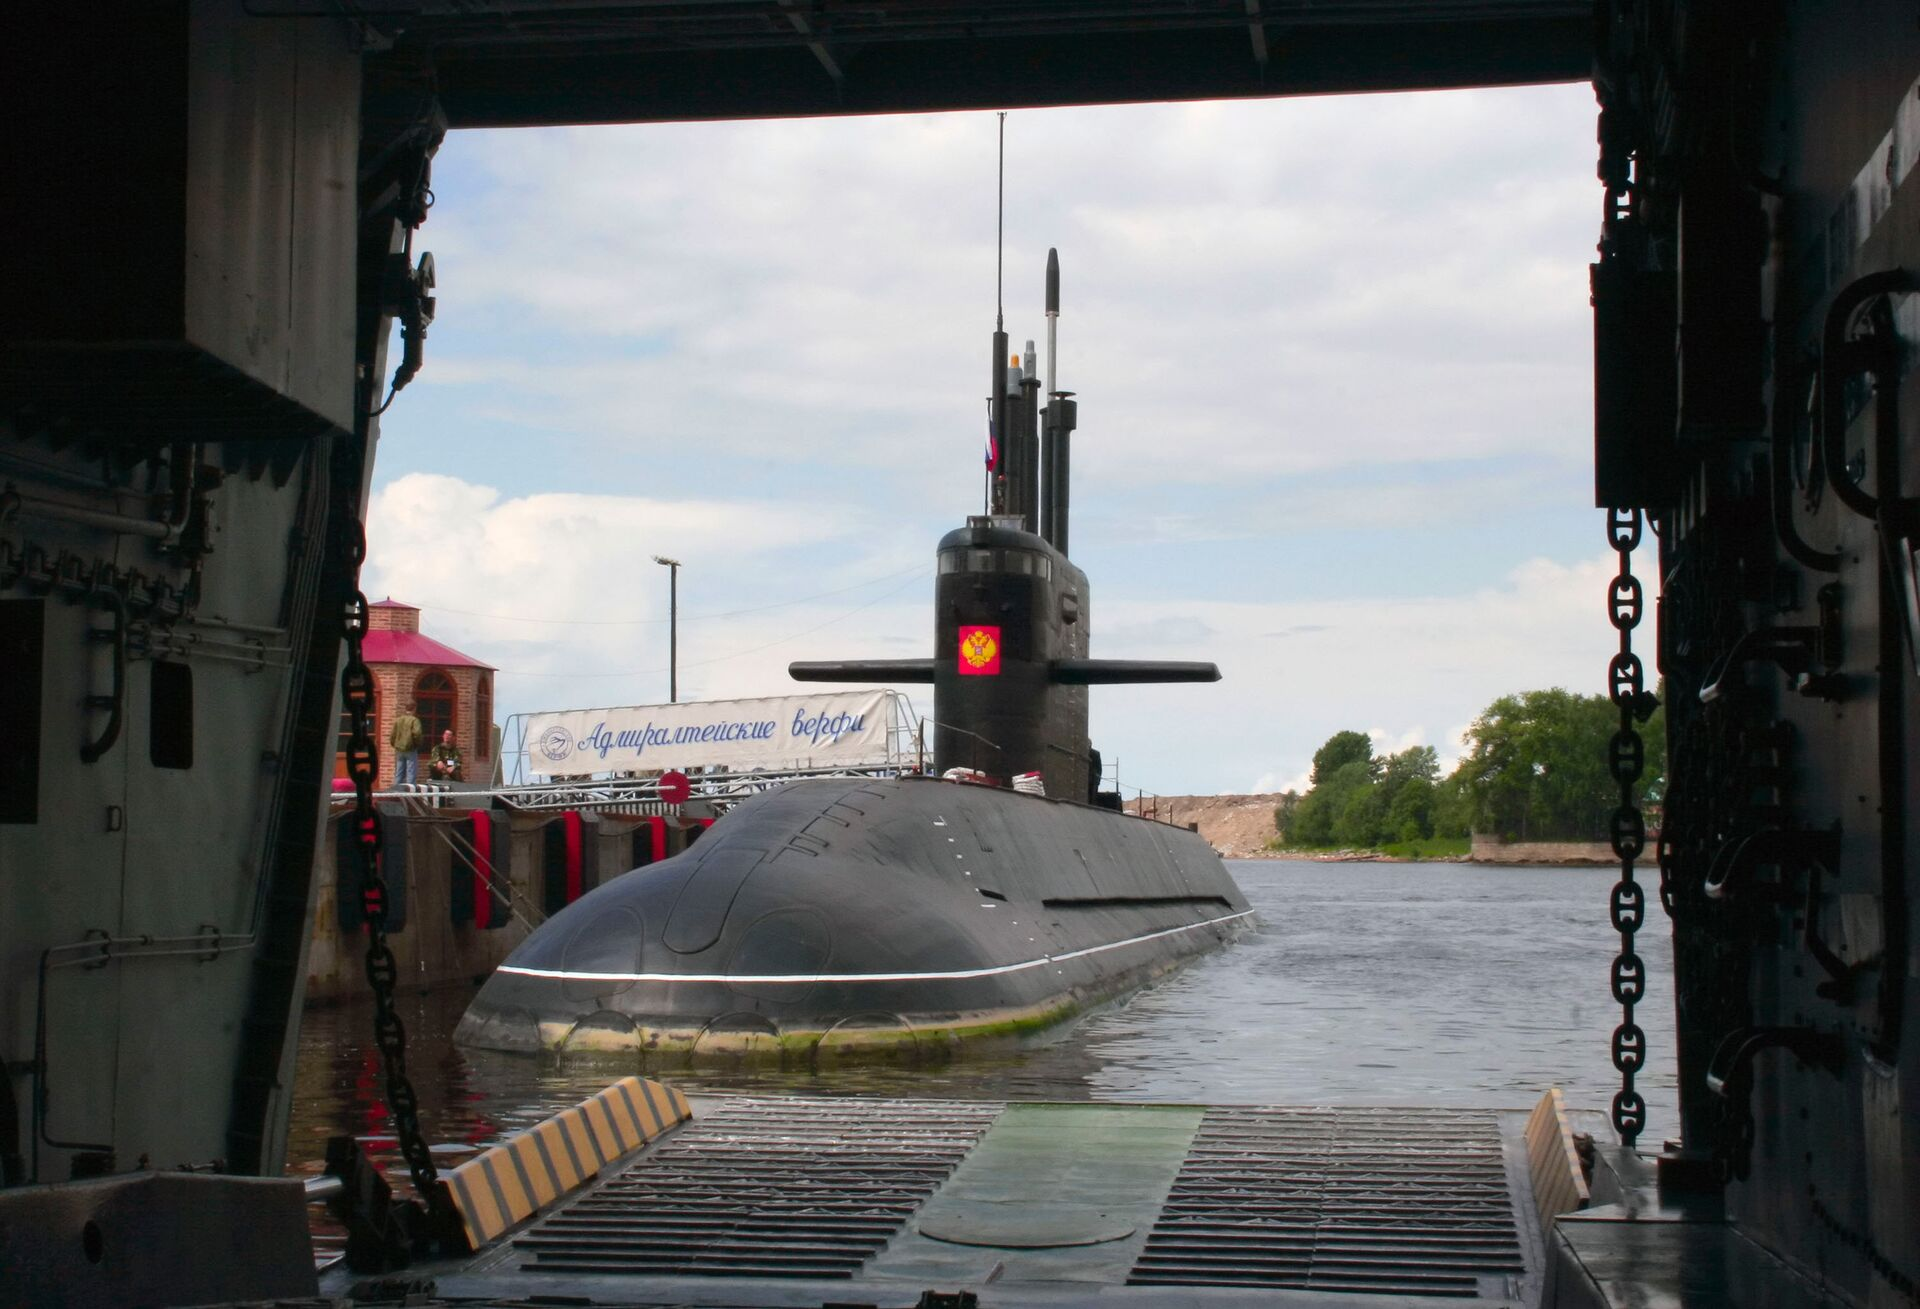 Дизельная подводная лодка Санкт-Петербург - РИА Новости, 1920, 24.02.2021